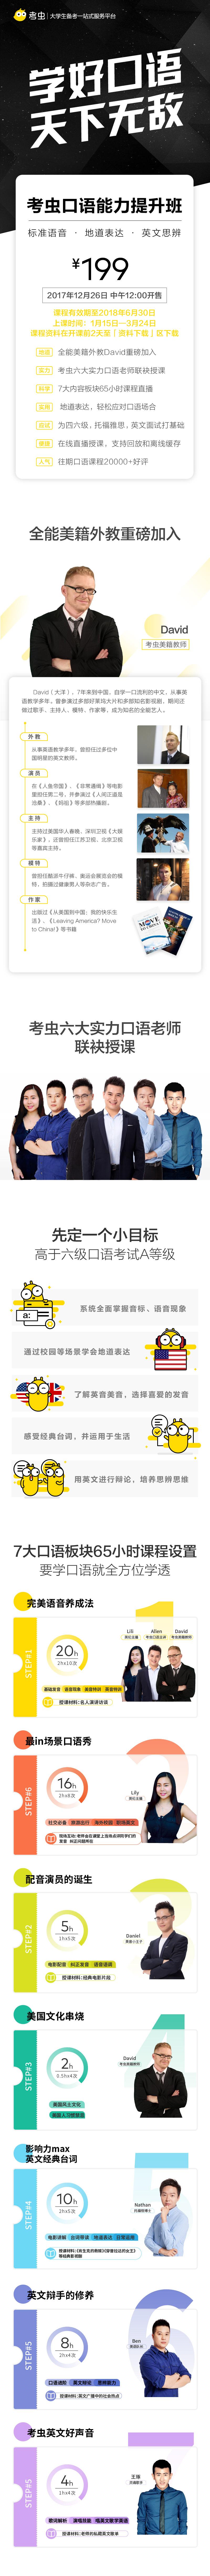 2017-12口语系统班-01.jpg